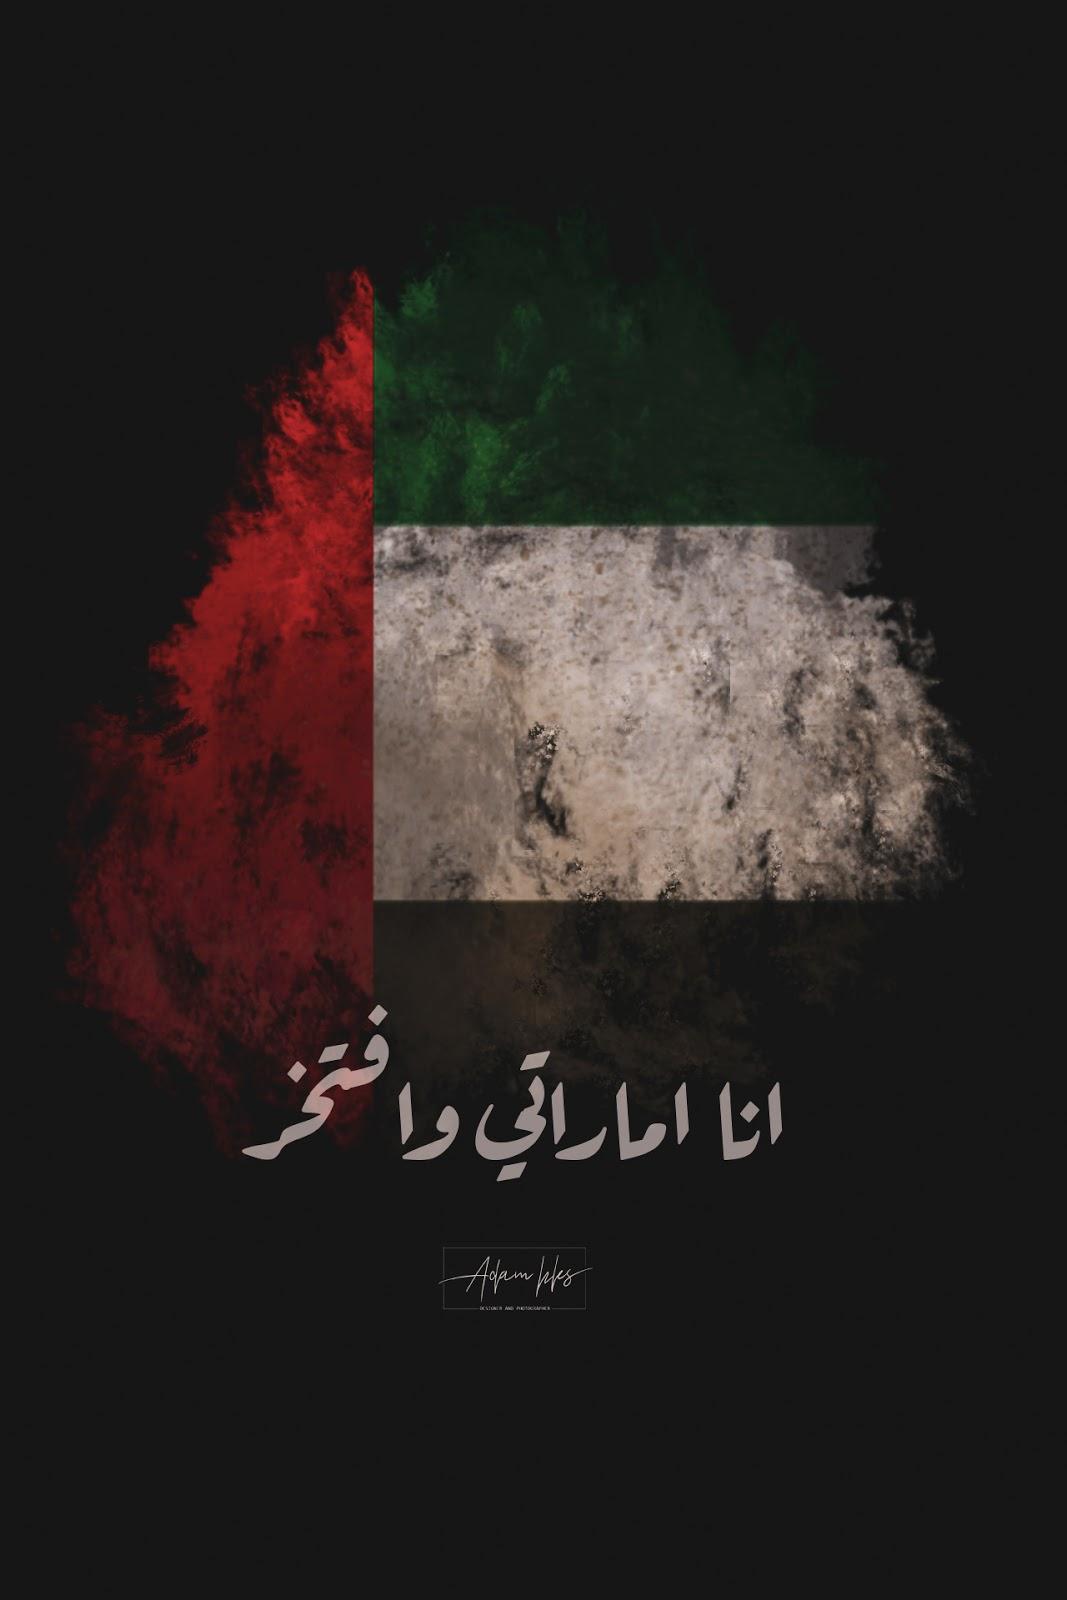 انا اماراتي وافتخر